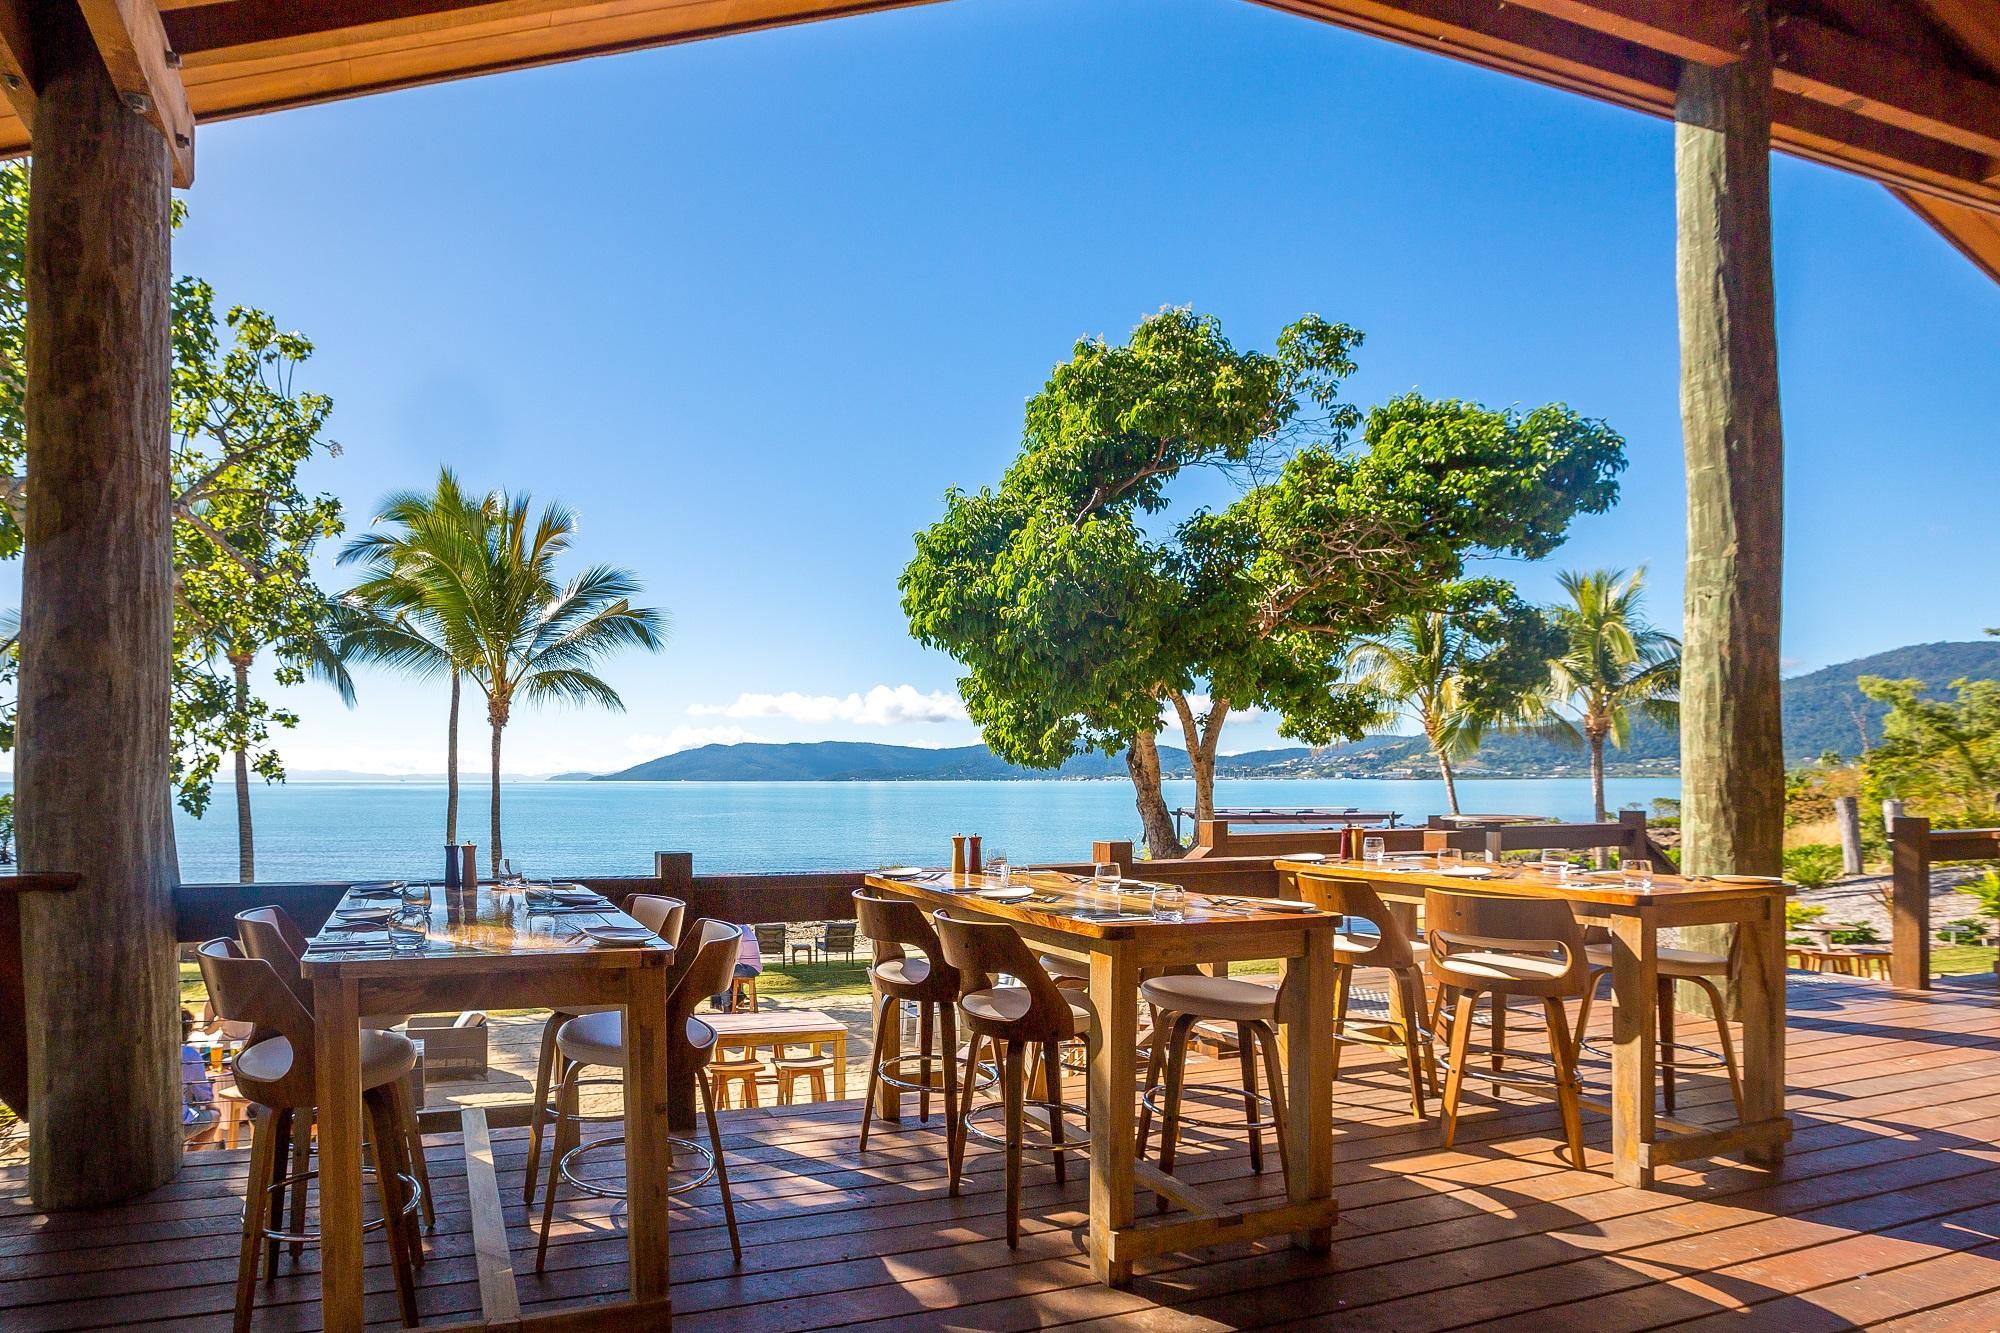 Northerlies Beach Bar & Grill